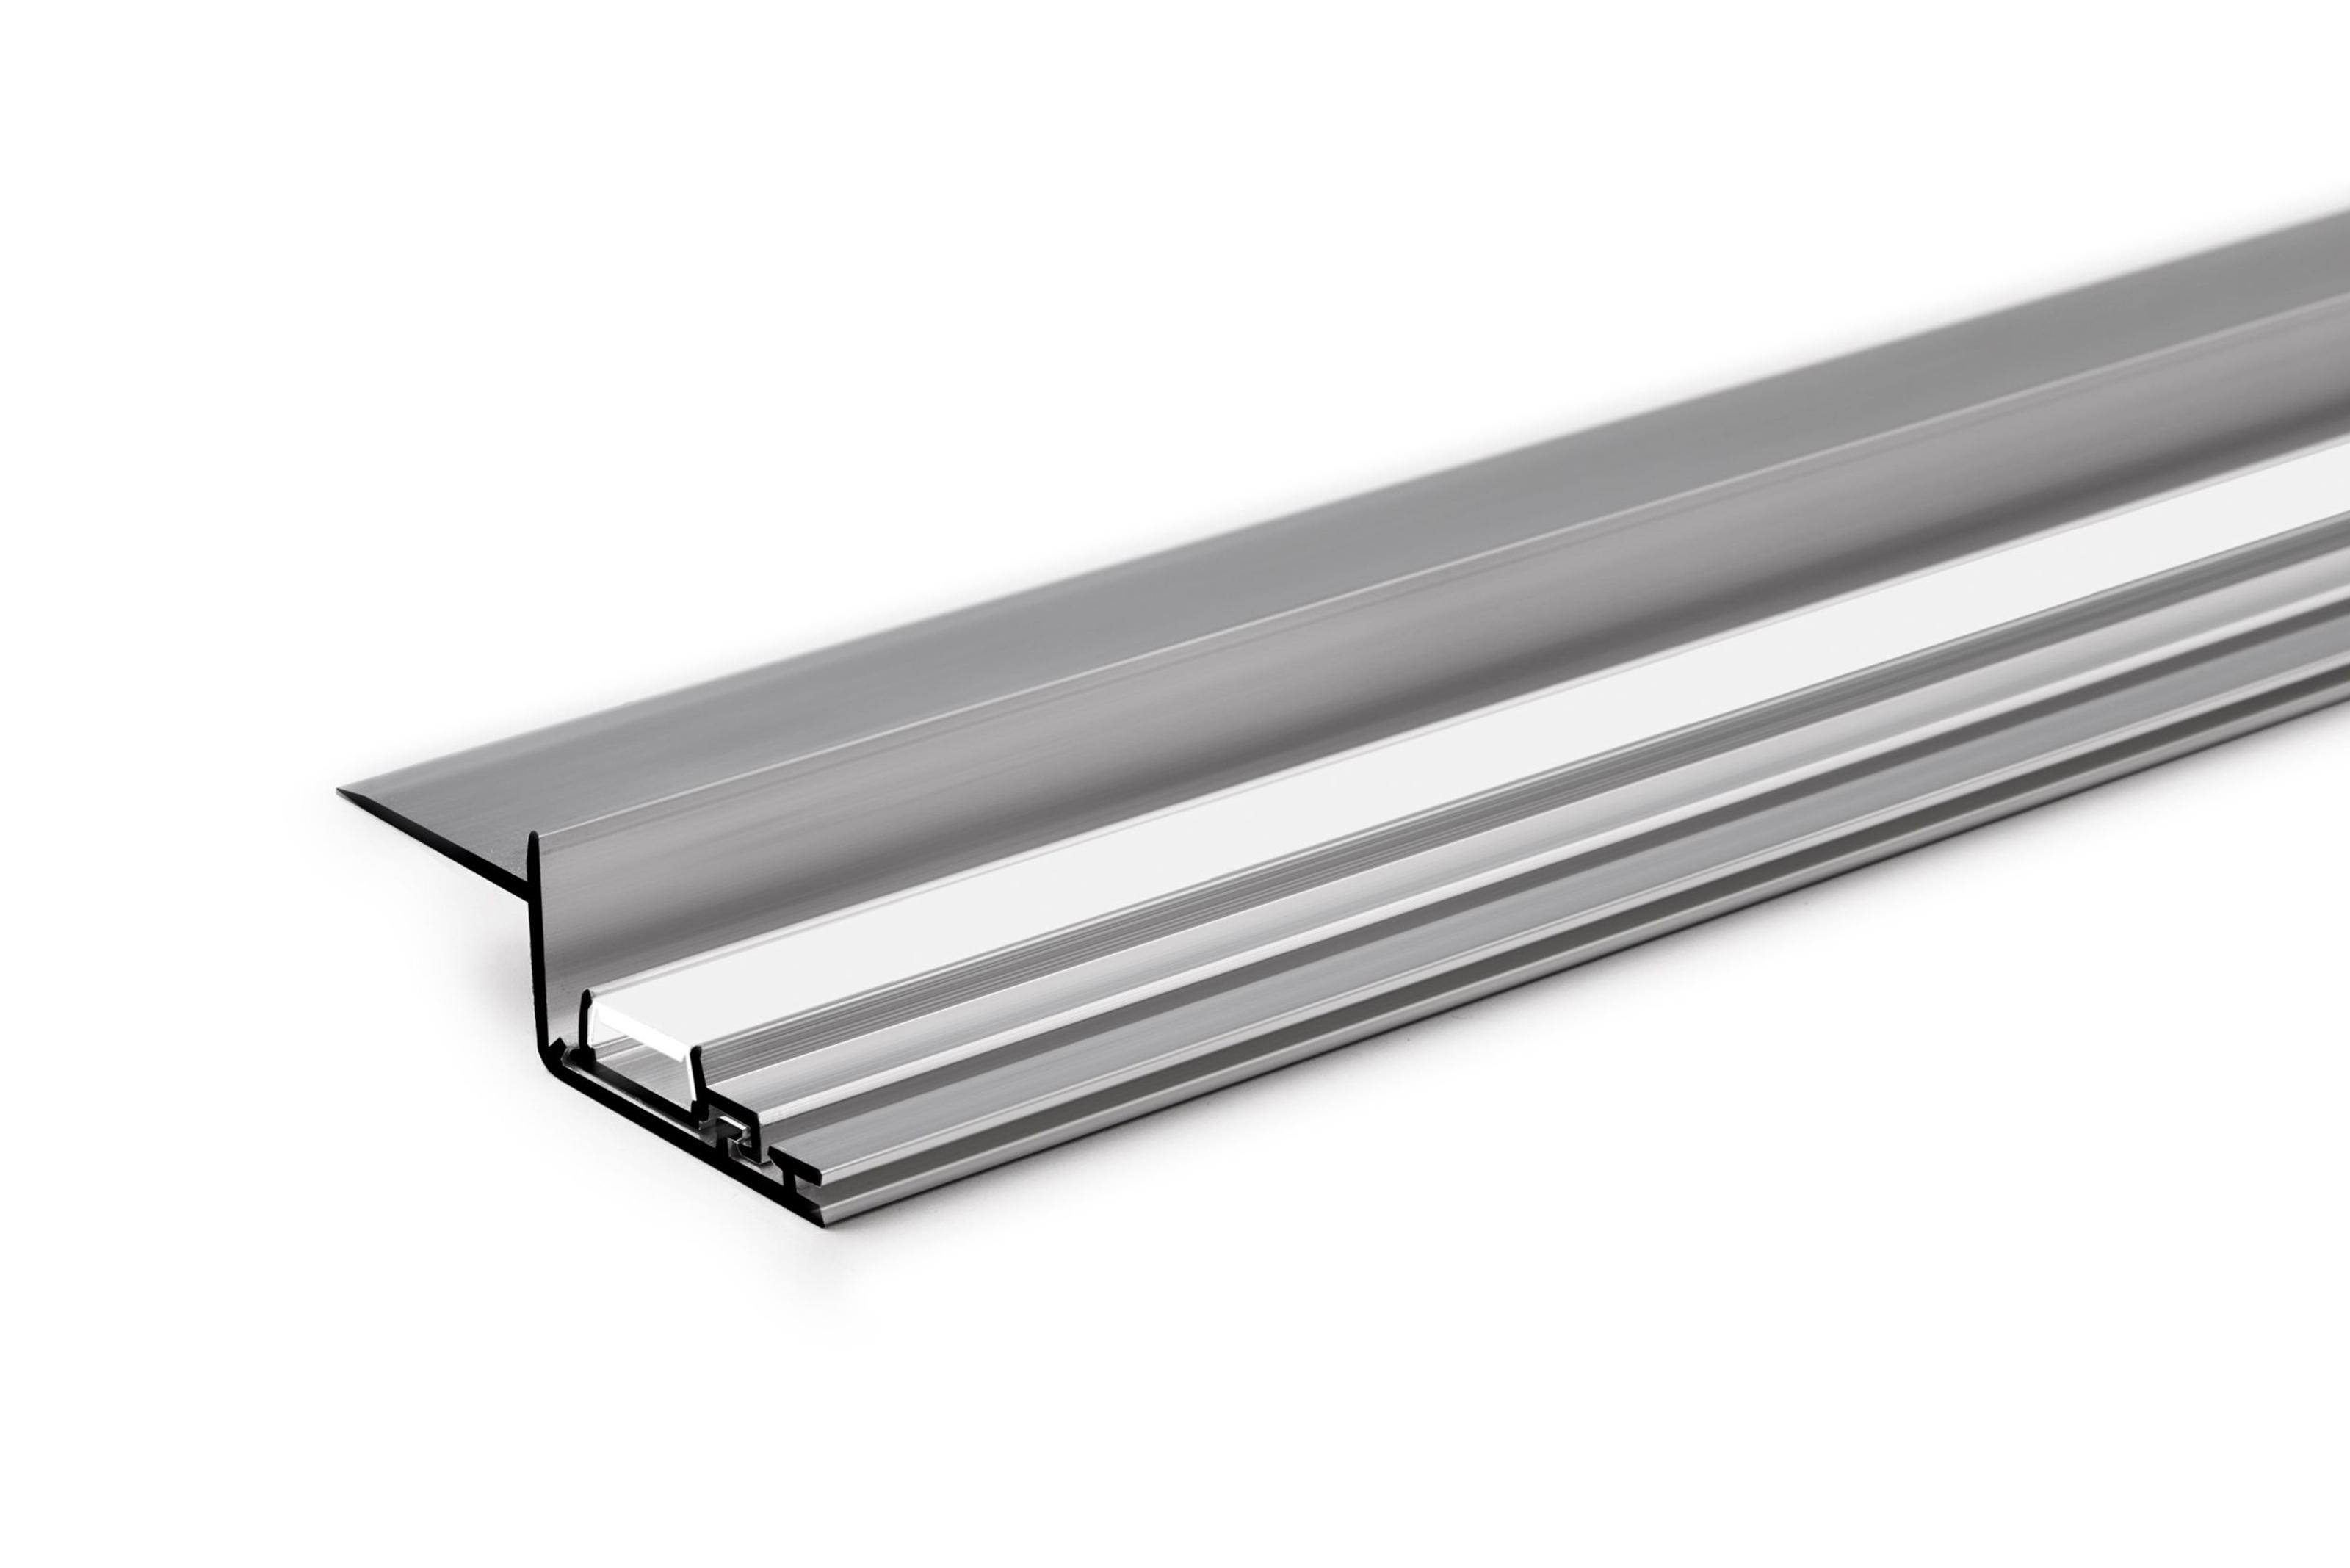 lightline-cala-fp-1-mj-lighting-v2